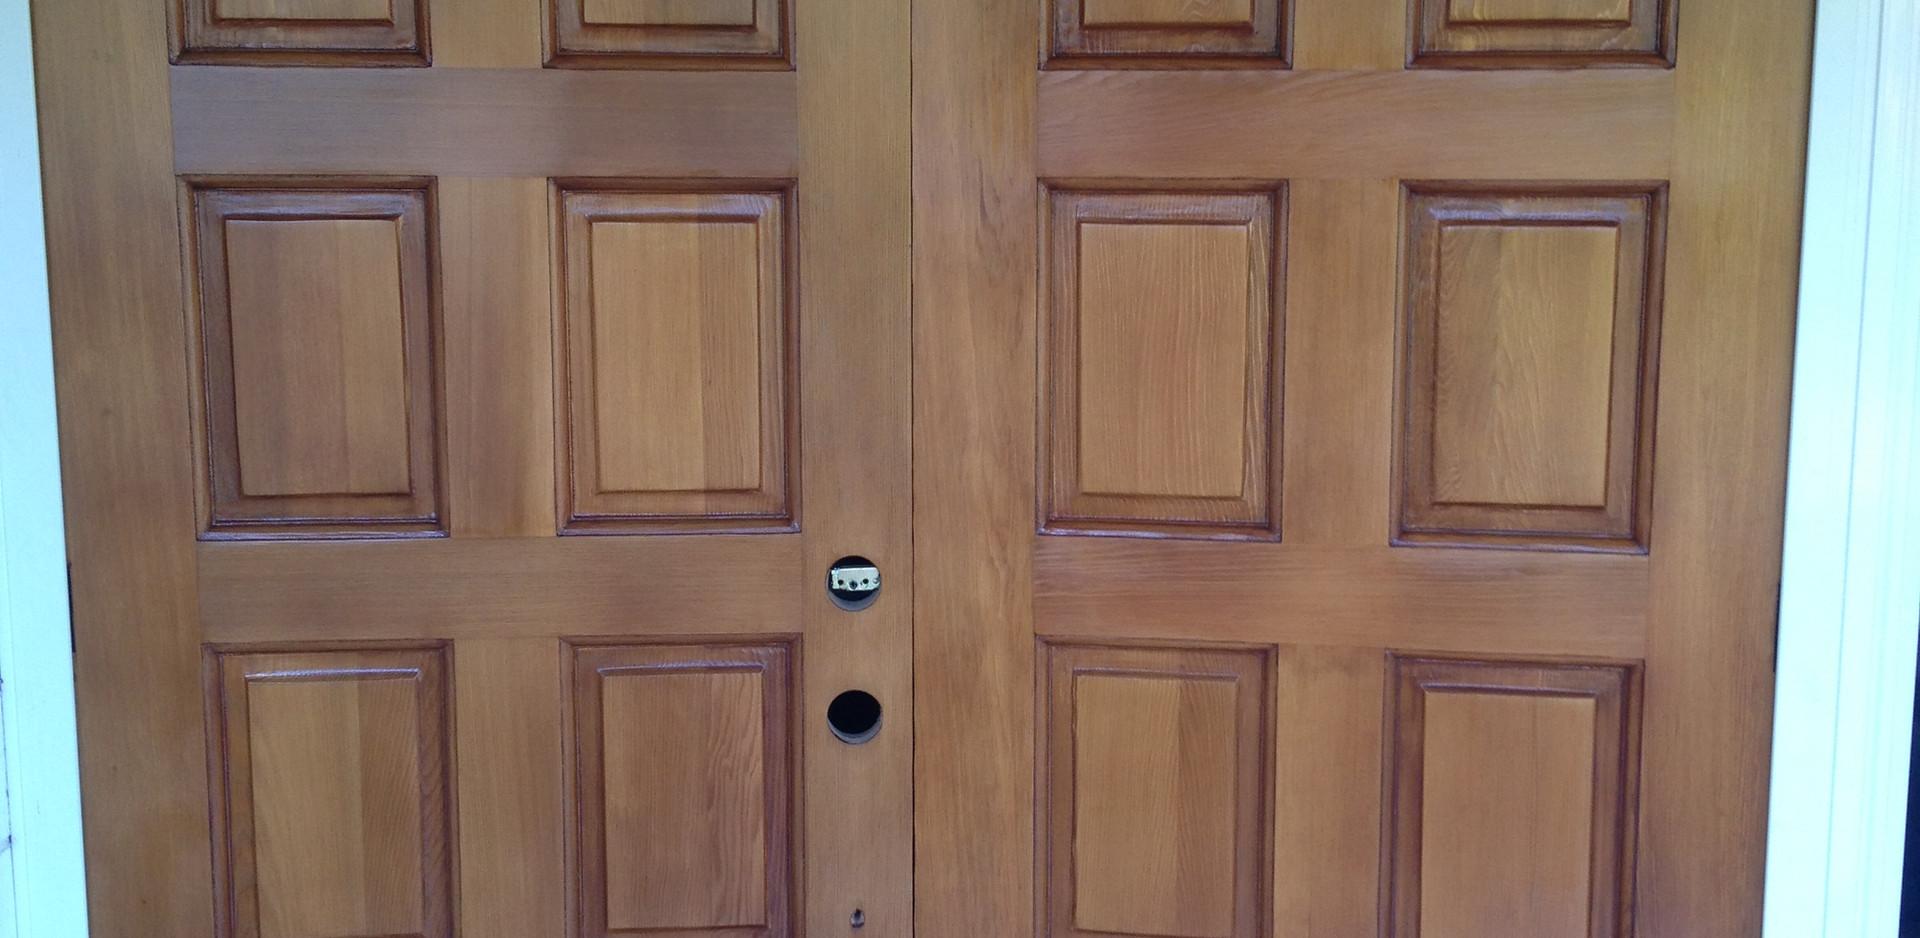 Doors - After